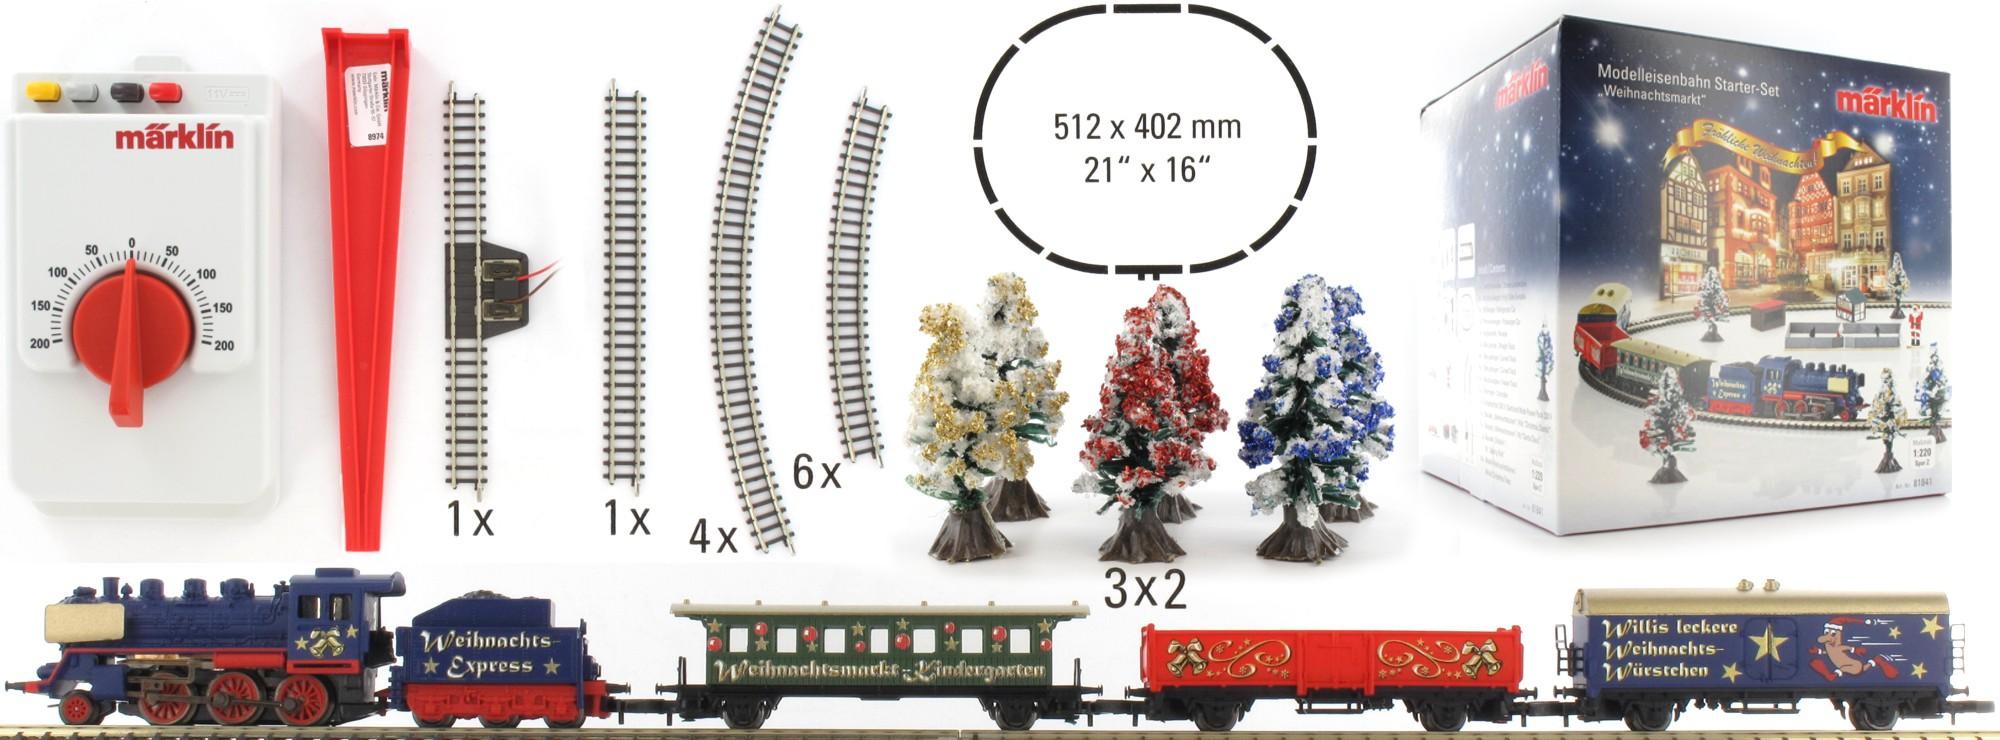 maerklin-81841-weihnachts-startpackung-2